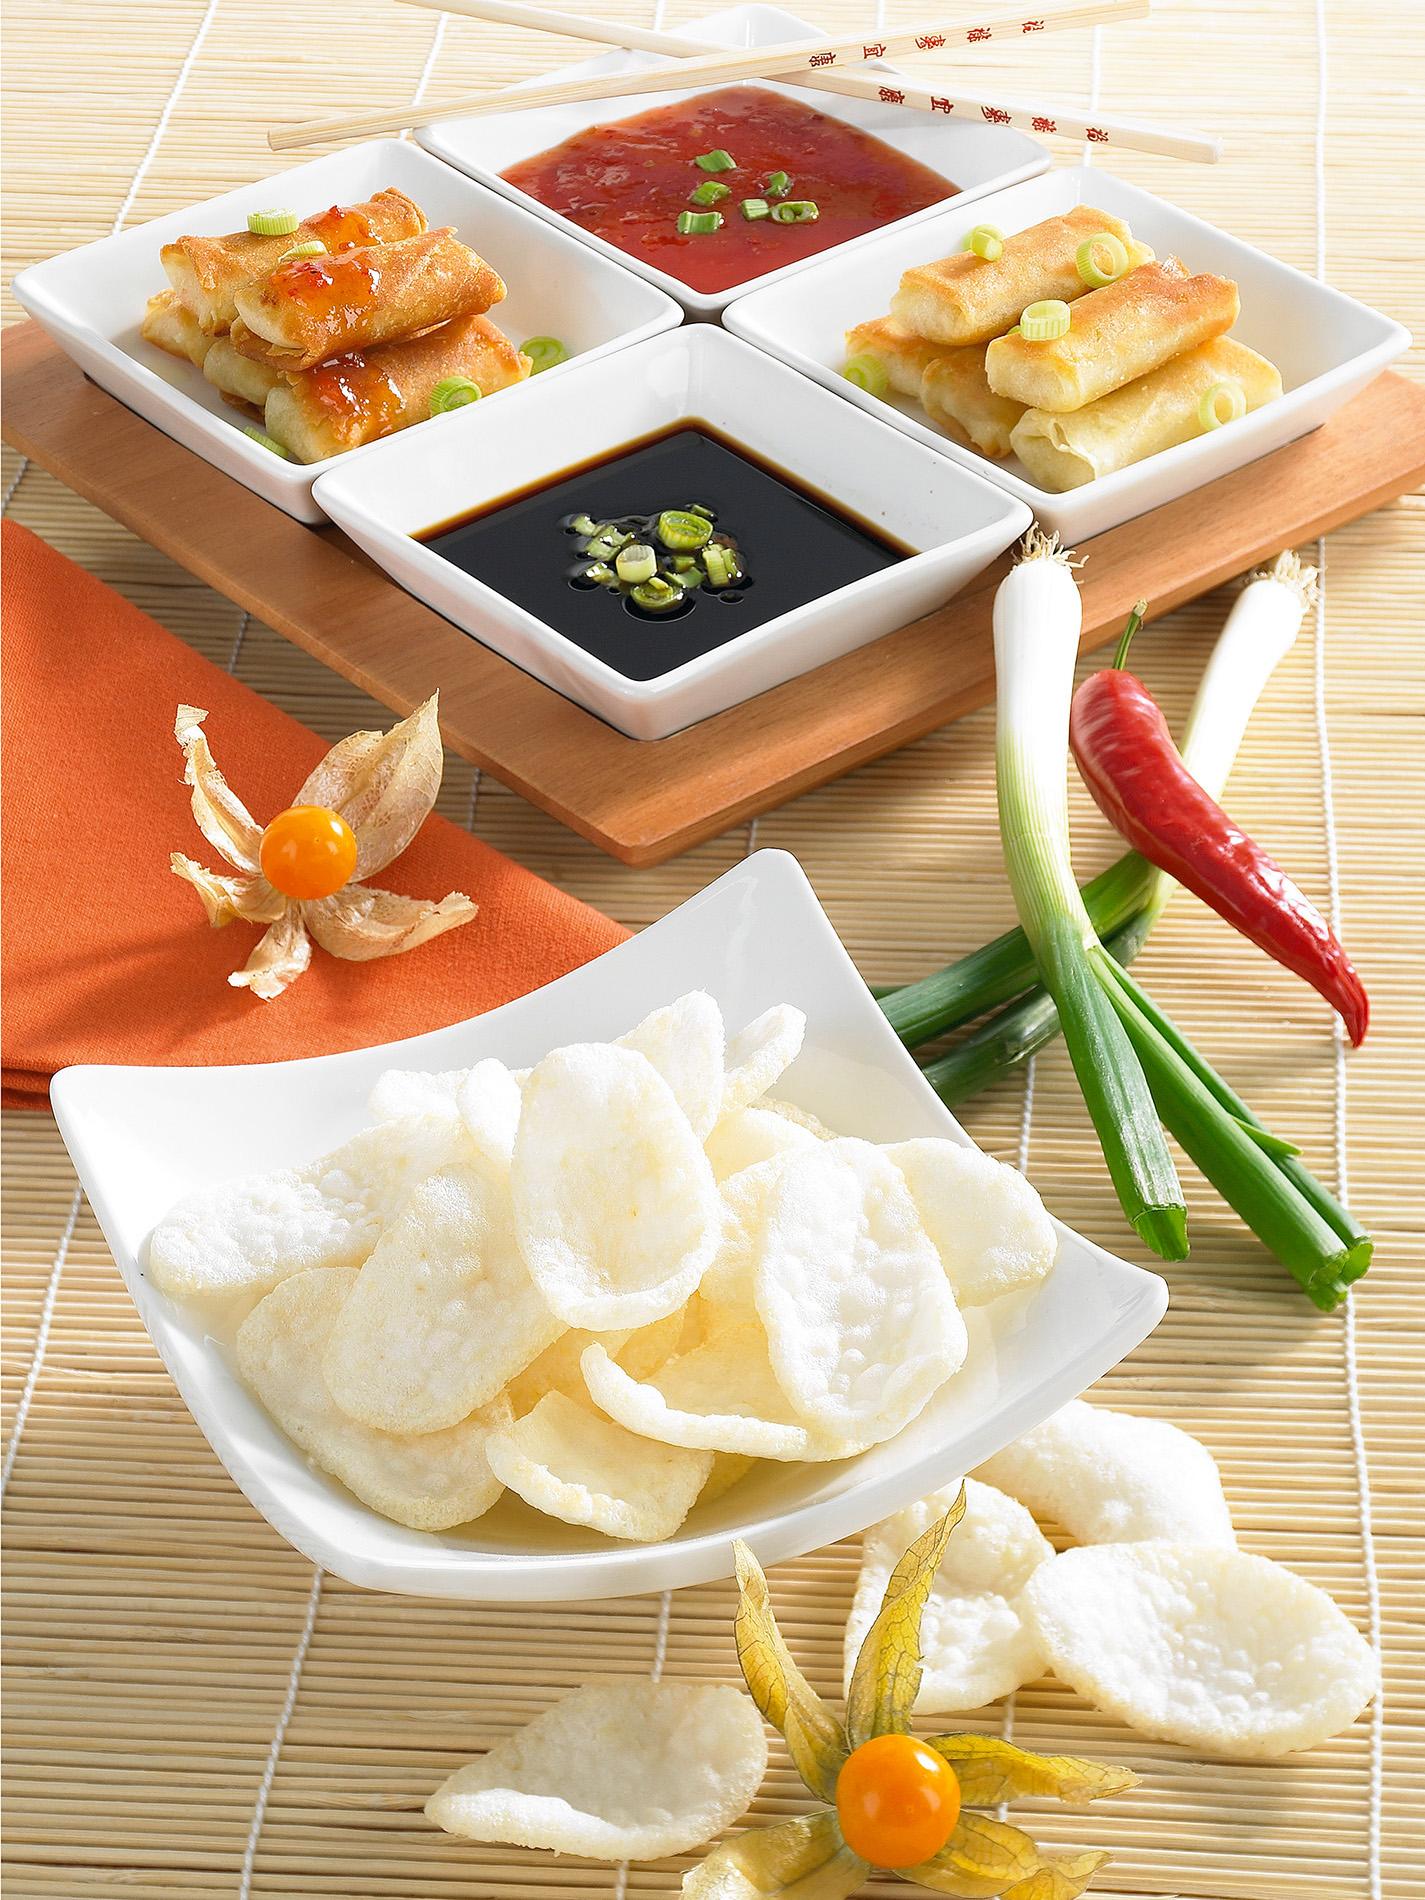 Fotodesign-matthias-schütz-asia-food